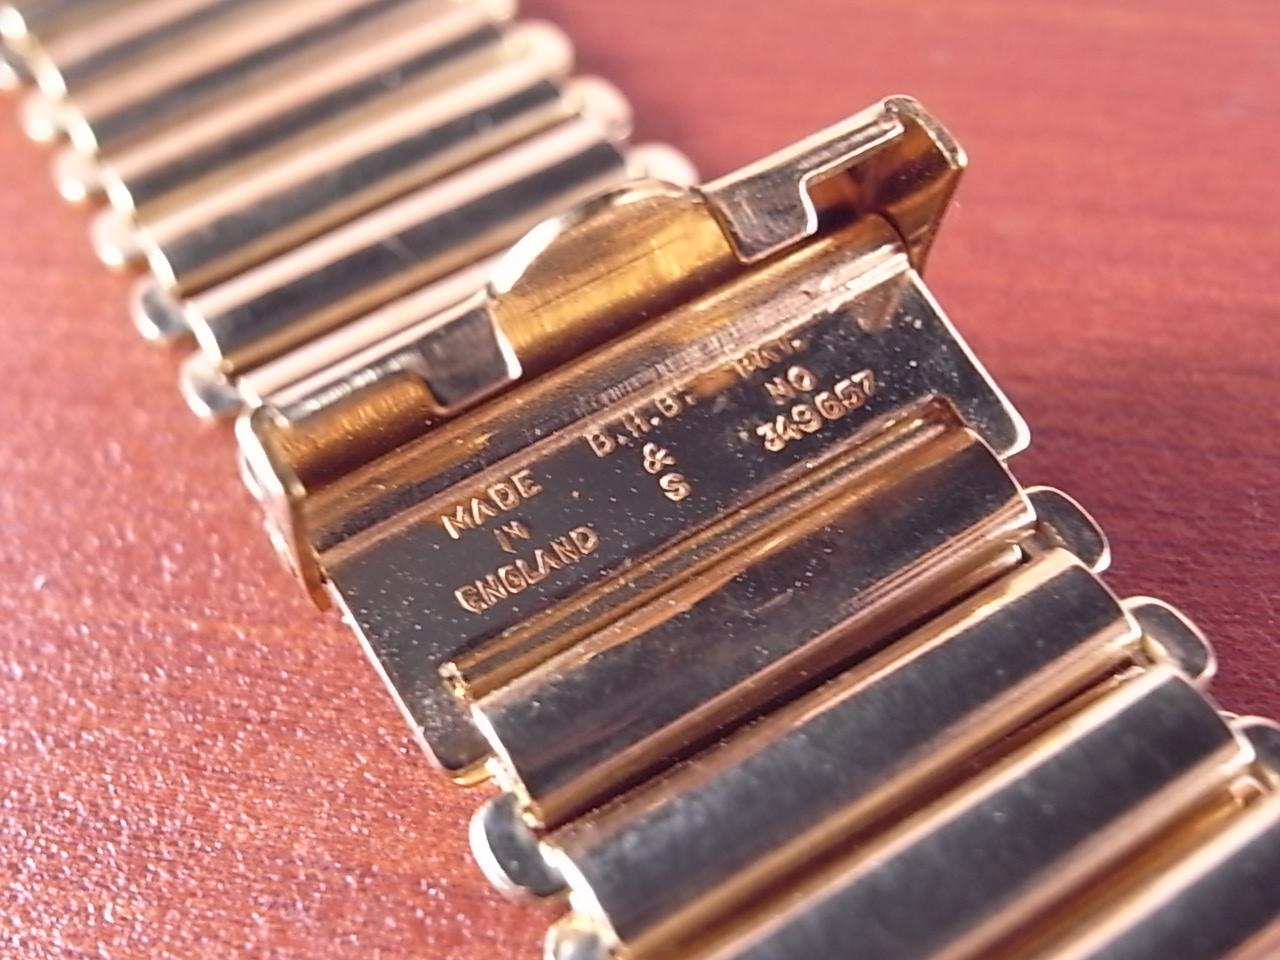 ボンクリップ バンブーブレス YGF 18mm N.O.S. 台紙付き 1940年代の写真3枚目